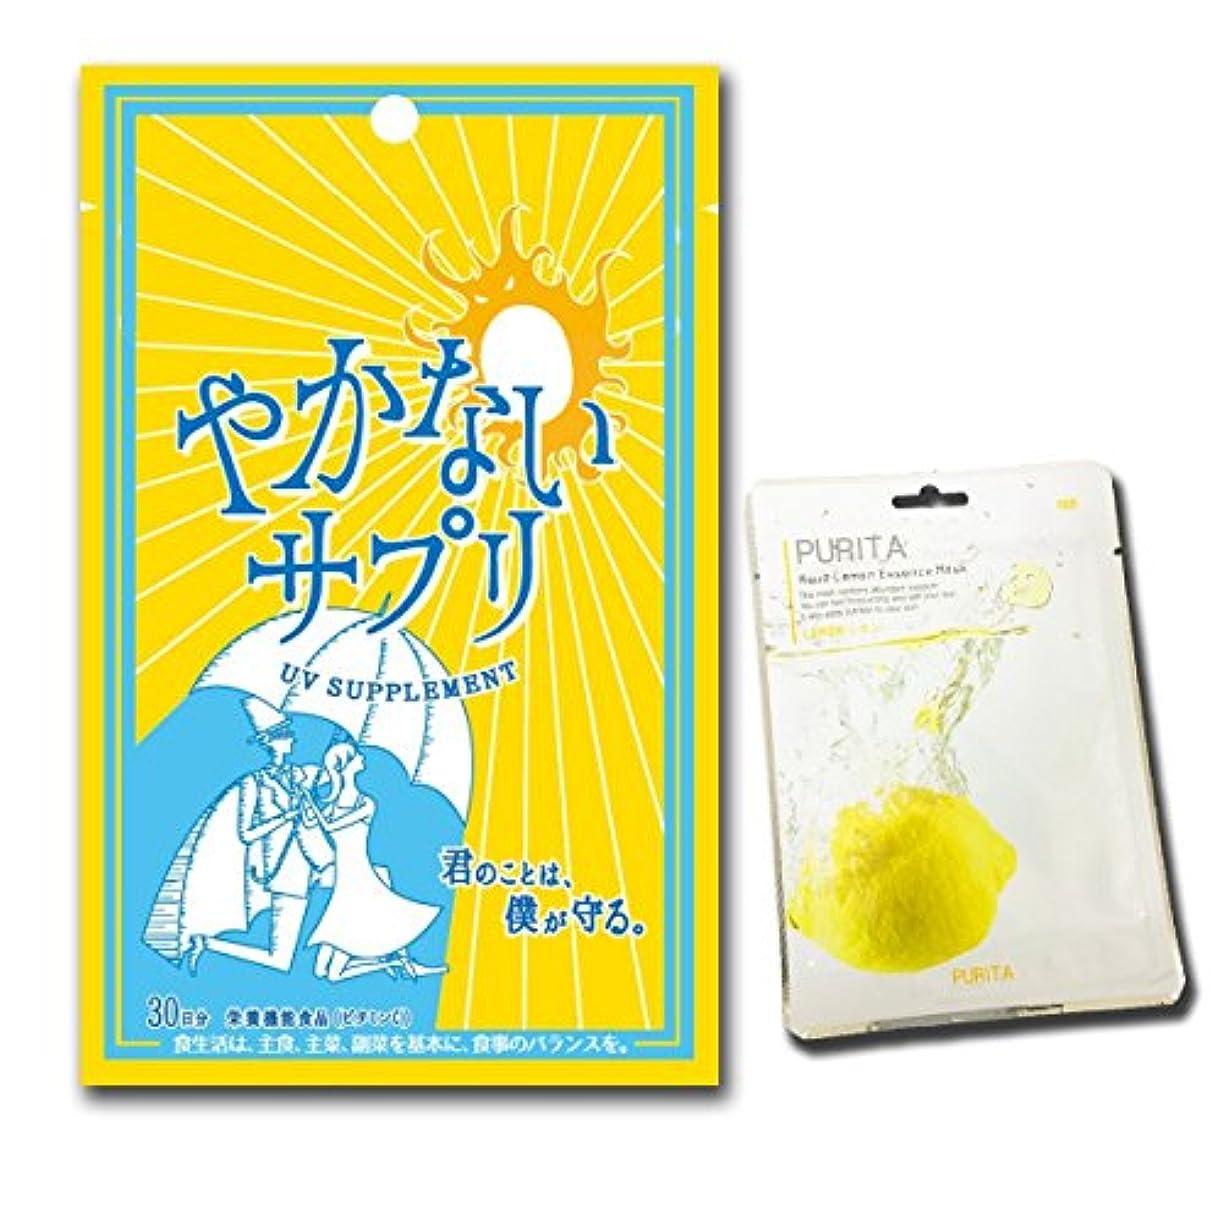 無限大湿原敵飲む日焼け止め やかないサプリ 日本製 (30粒/30日分) PURITAフェイスマスク1枚付